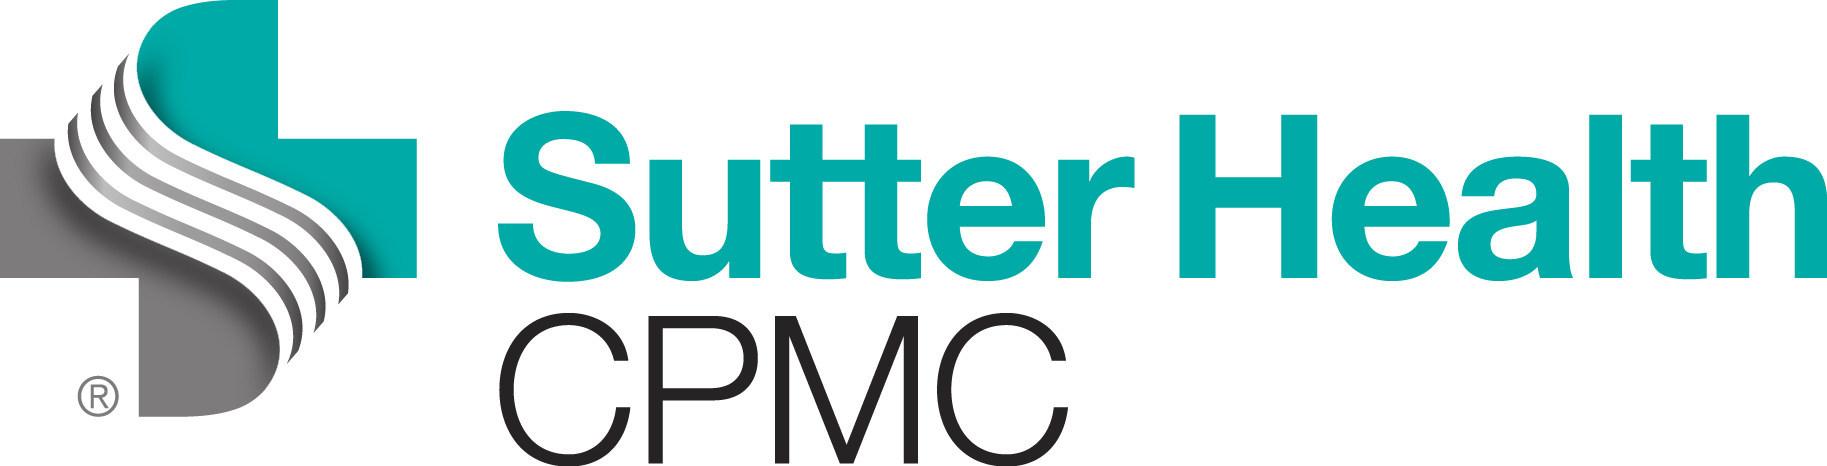 Sutter Health/CPMC logo